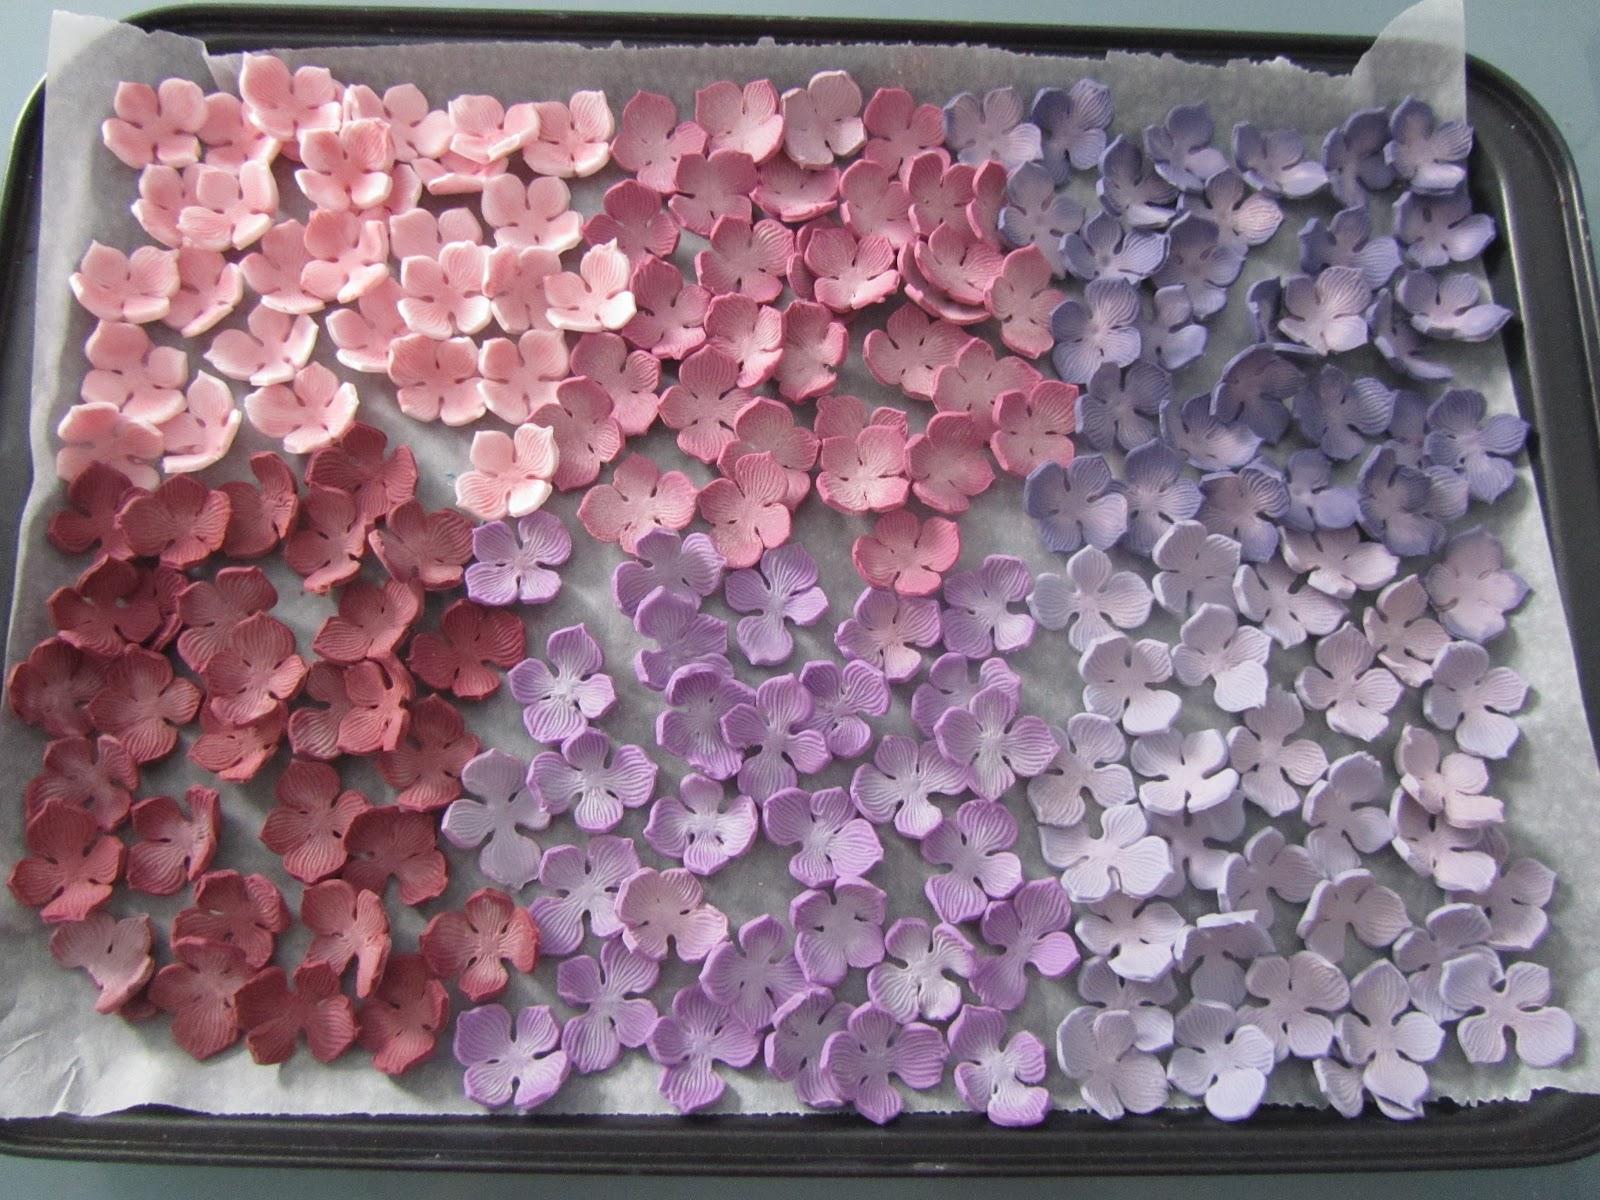 una vez cortadas todas unas flores por cupcake las dejamos secar toda la noche al da siguiente y con ayuda de un pincel por encima